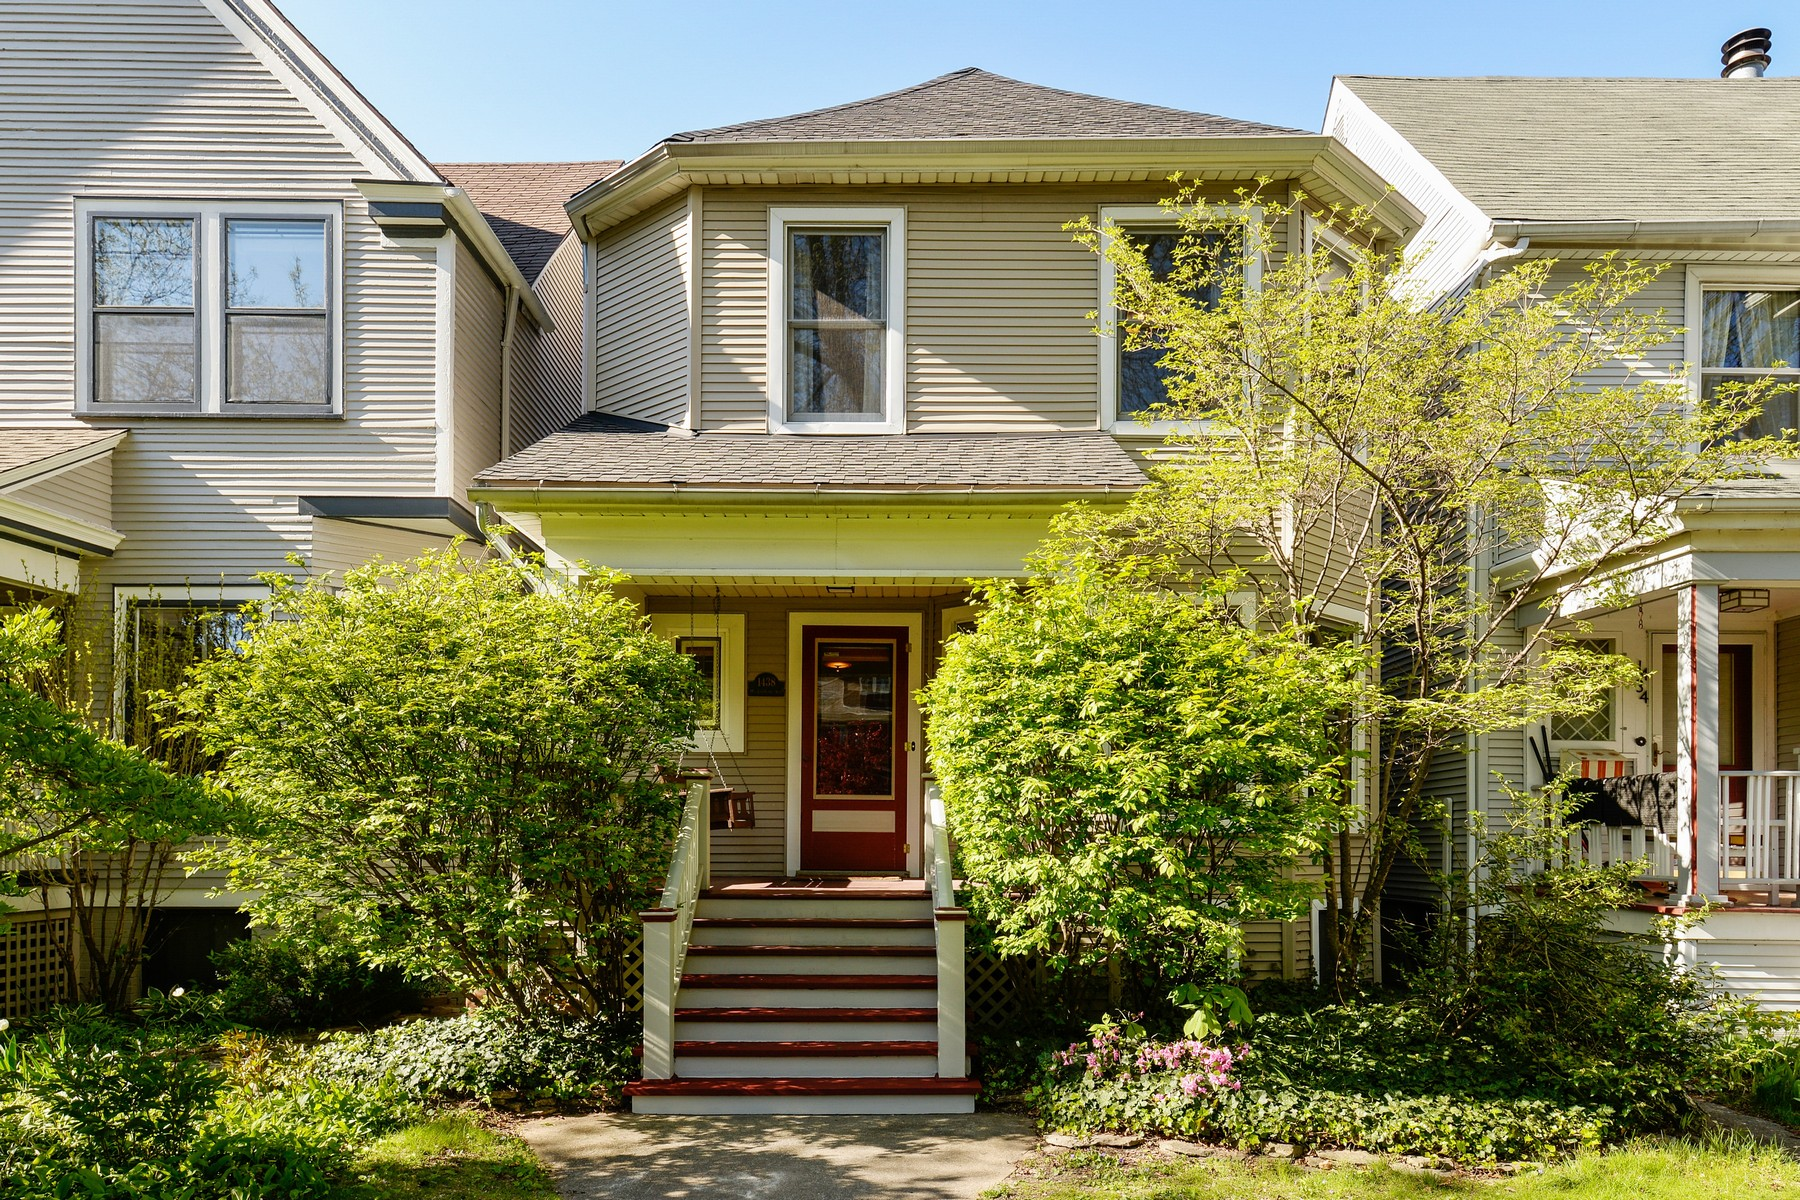 独户住宅 为 销售 在 Graceland West Home 1438 W Cullom Avenue 芝加哥, 伊利诺斯州, 60613 美国